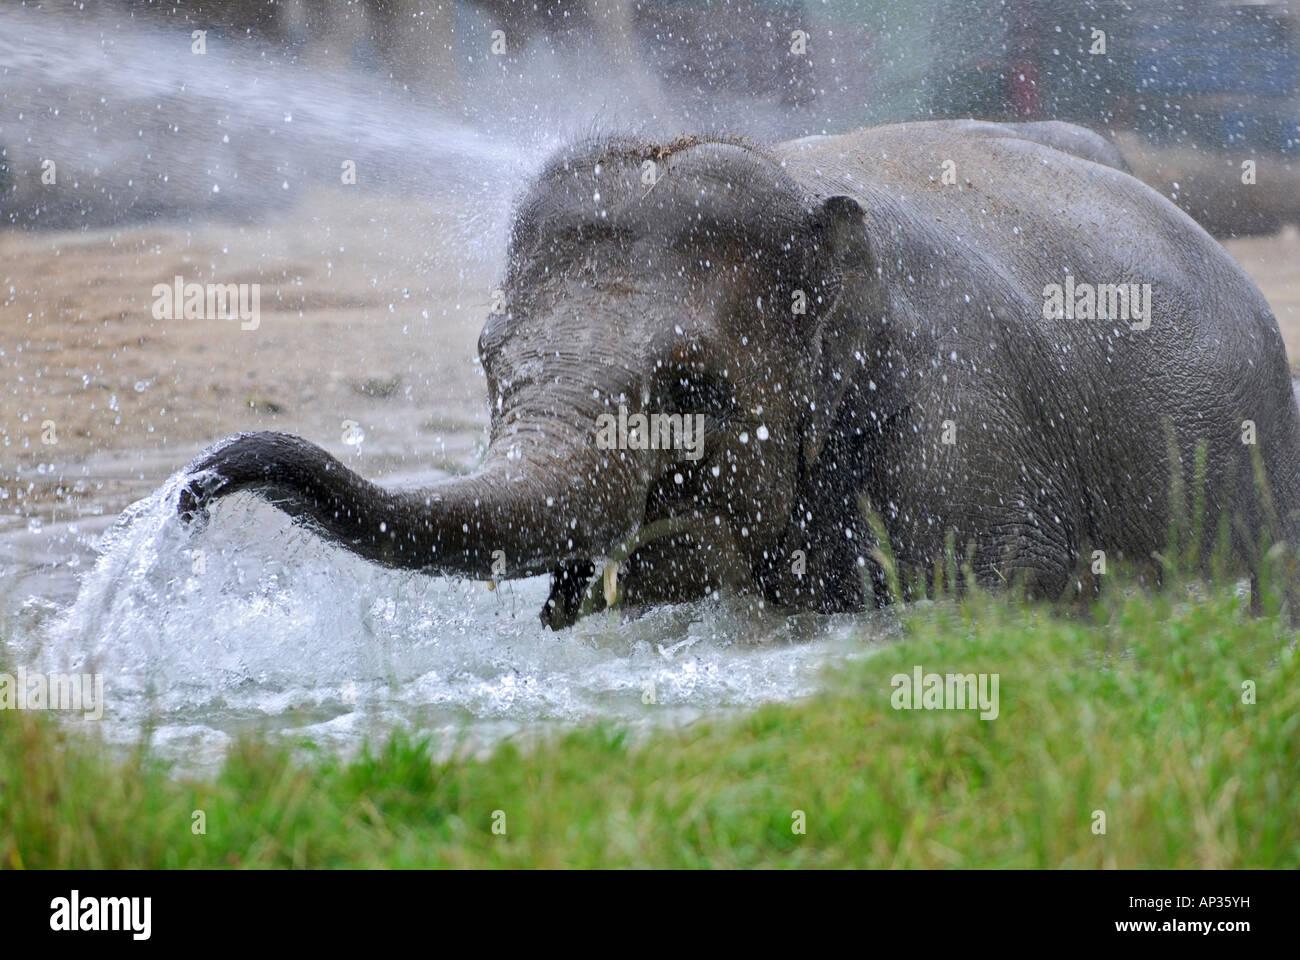 Dans l'eau de baignade de l'éléphant dans le Zoo Tierpark Hellabrunn, Munich, Bavière, Allemagne Photo Stock